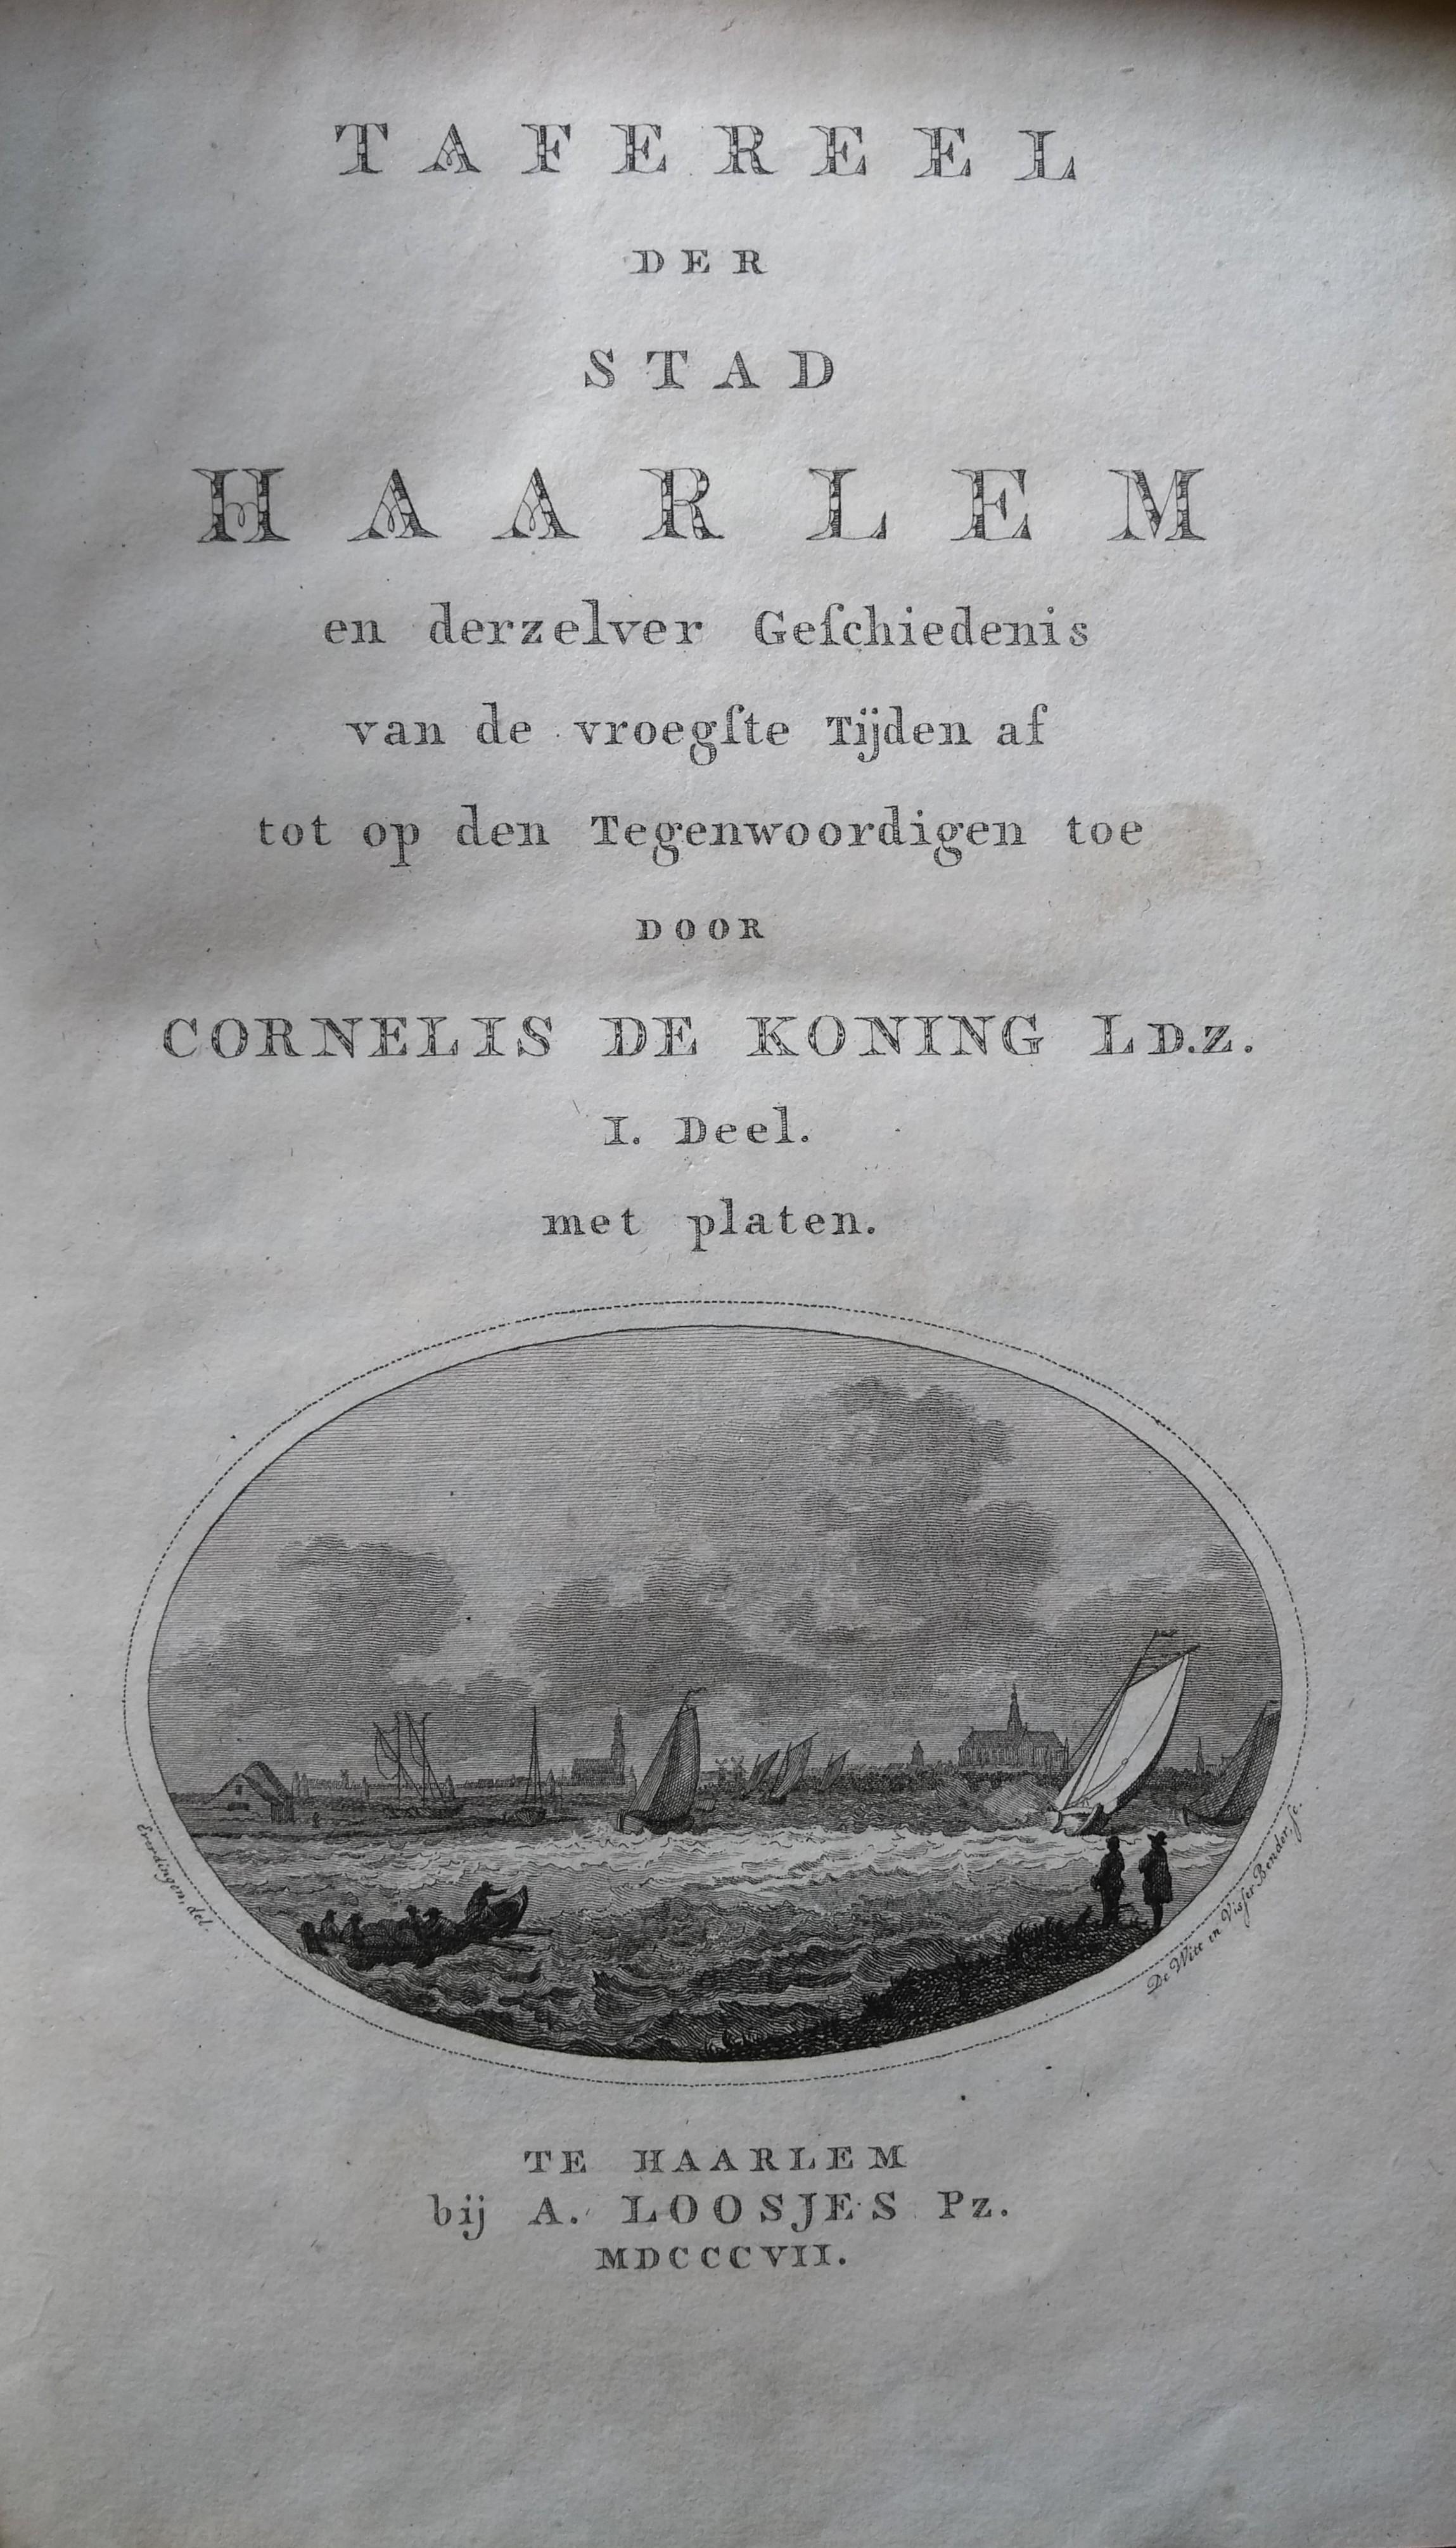 Cornelis de Koning Tafereel der stad Haarlem en derzelver Geschiedenis van de vroegste Tijden af tot op den Tegenwoordigen toe